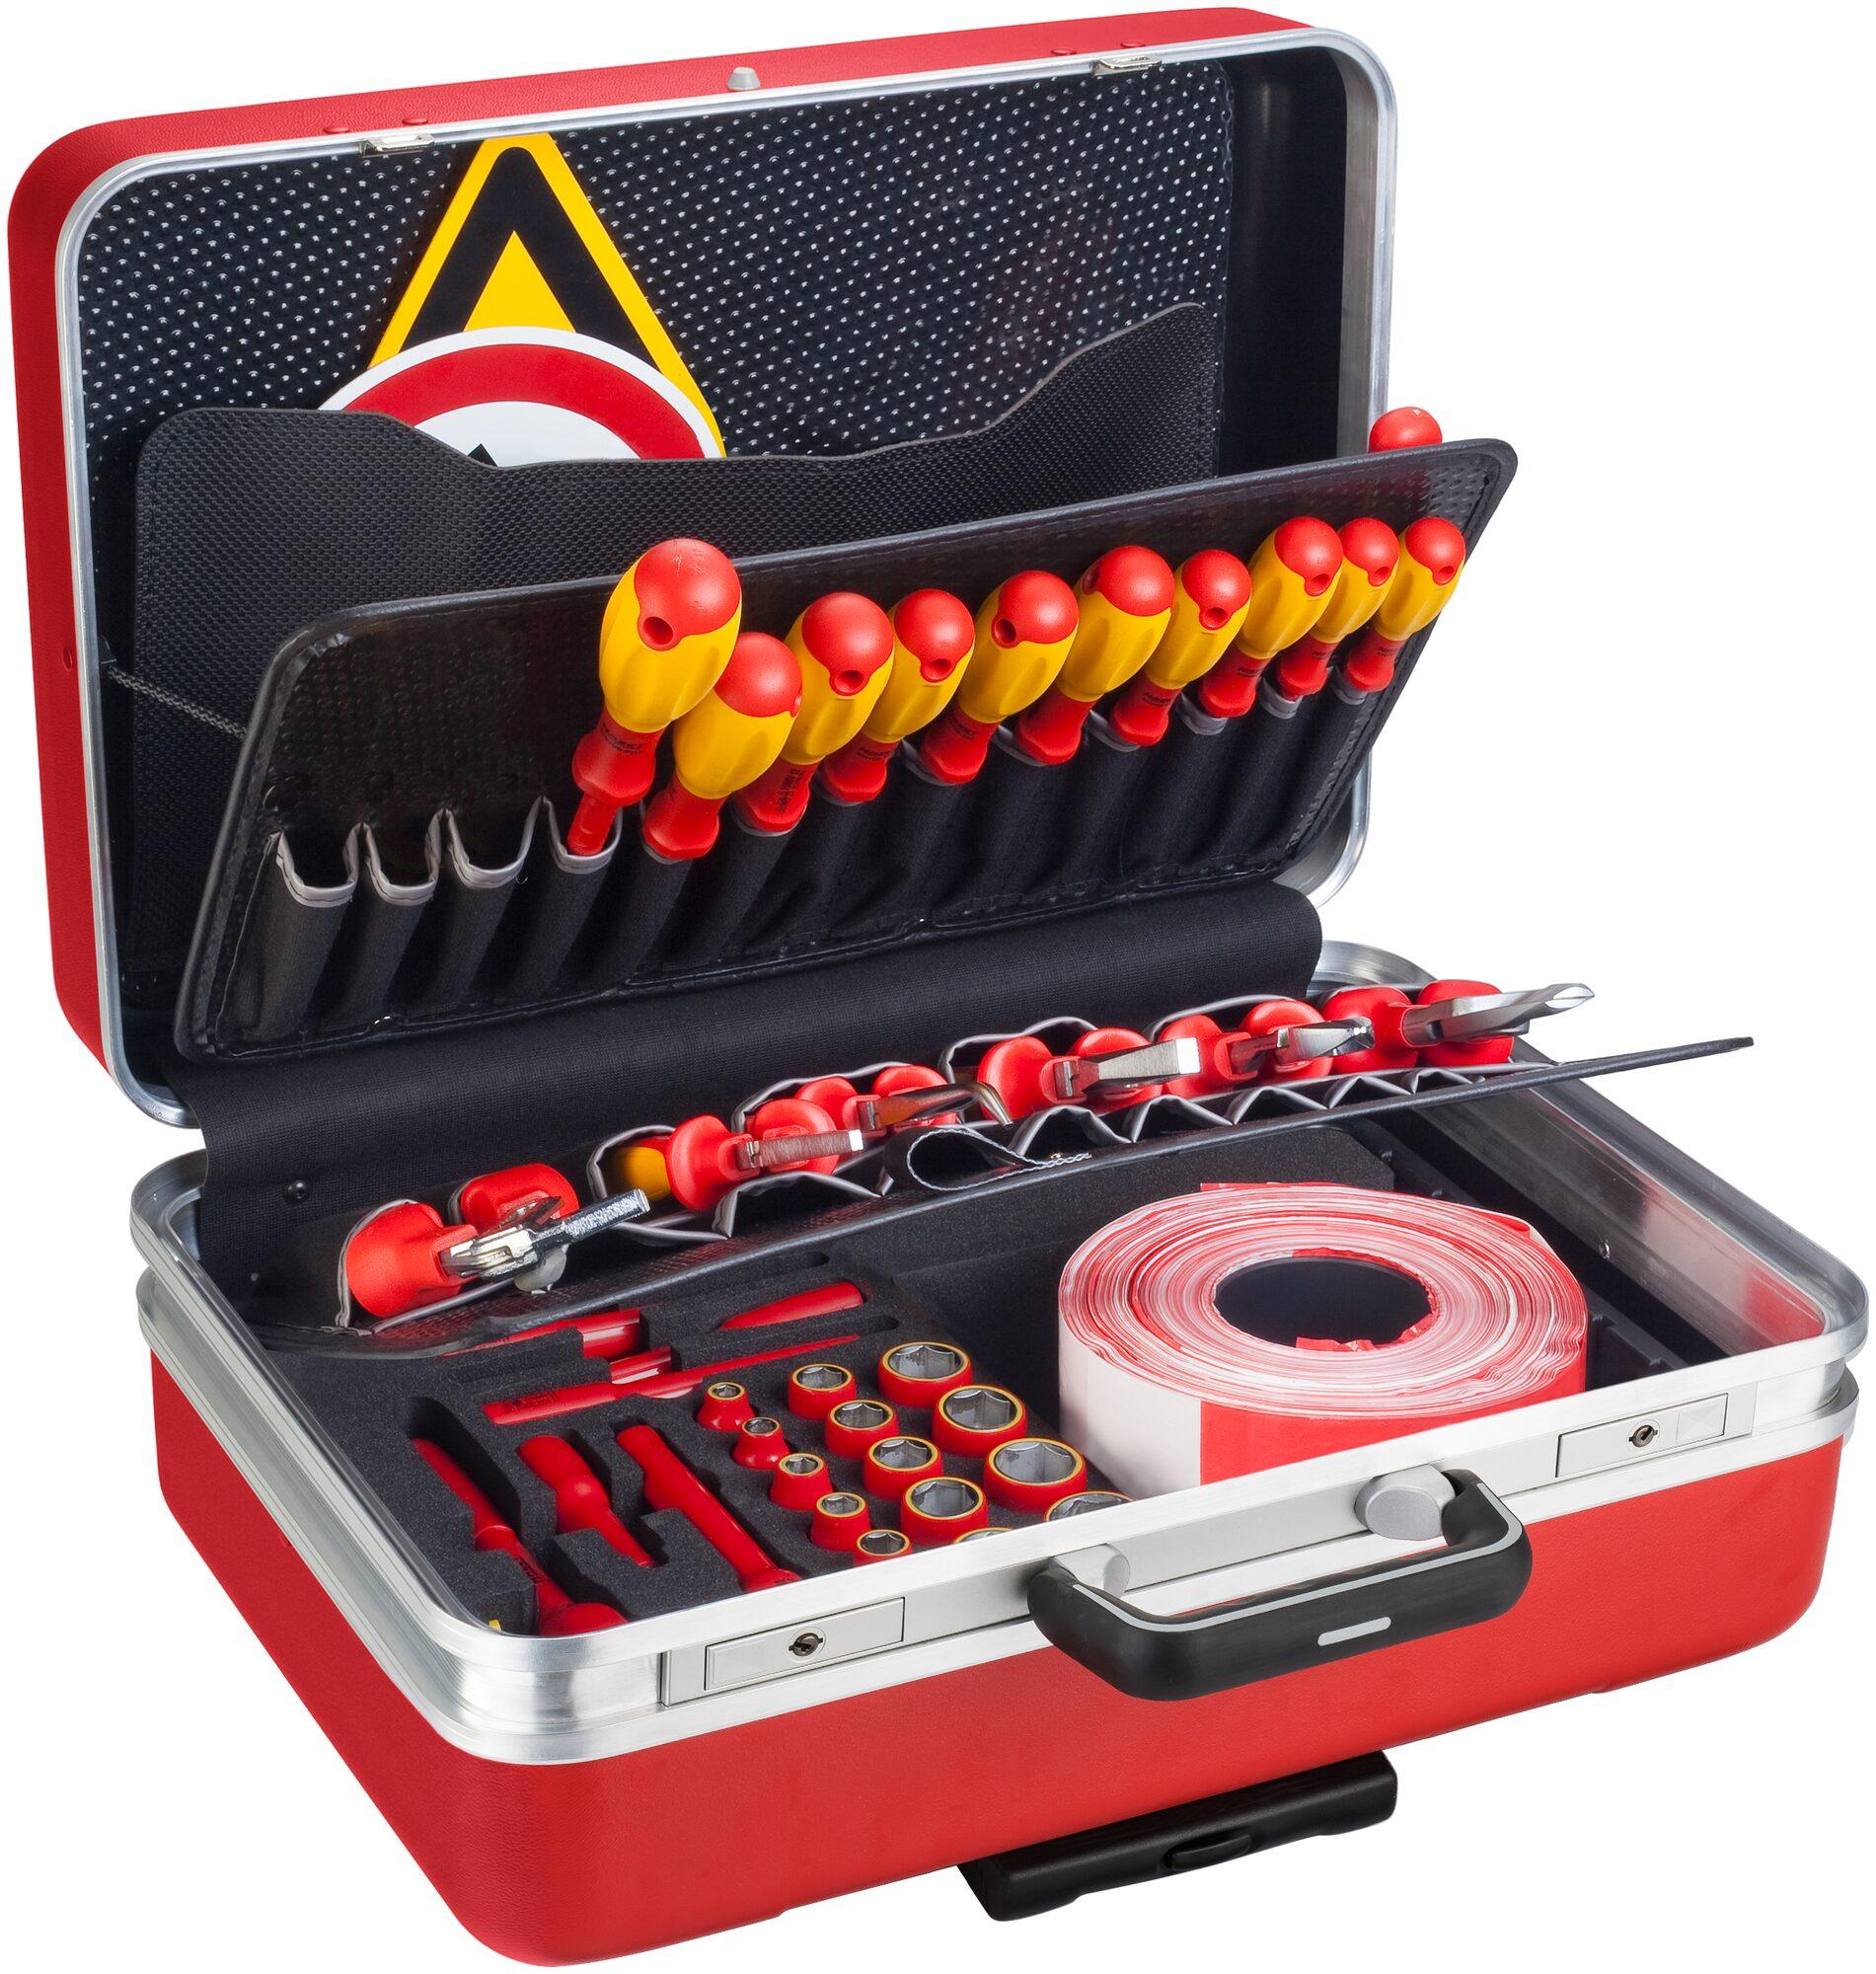 HAZET Werkzeug Satz für Hybrid- und Elektrofahrzeuge 150/43 ∙ Vierkant hohl 10 mm (3/8 Zoll) ∙ Anzahl Werkzeuge: 43